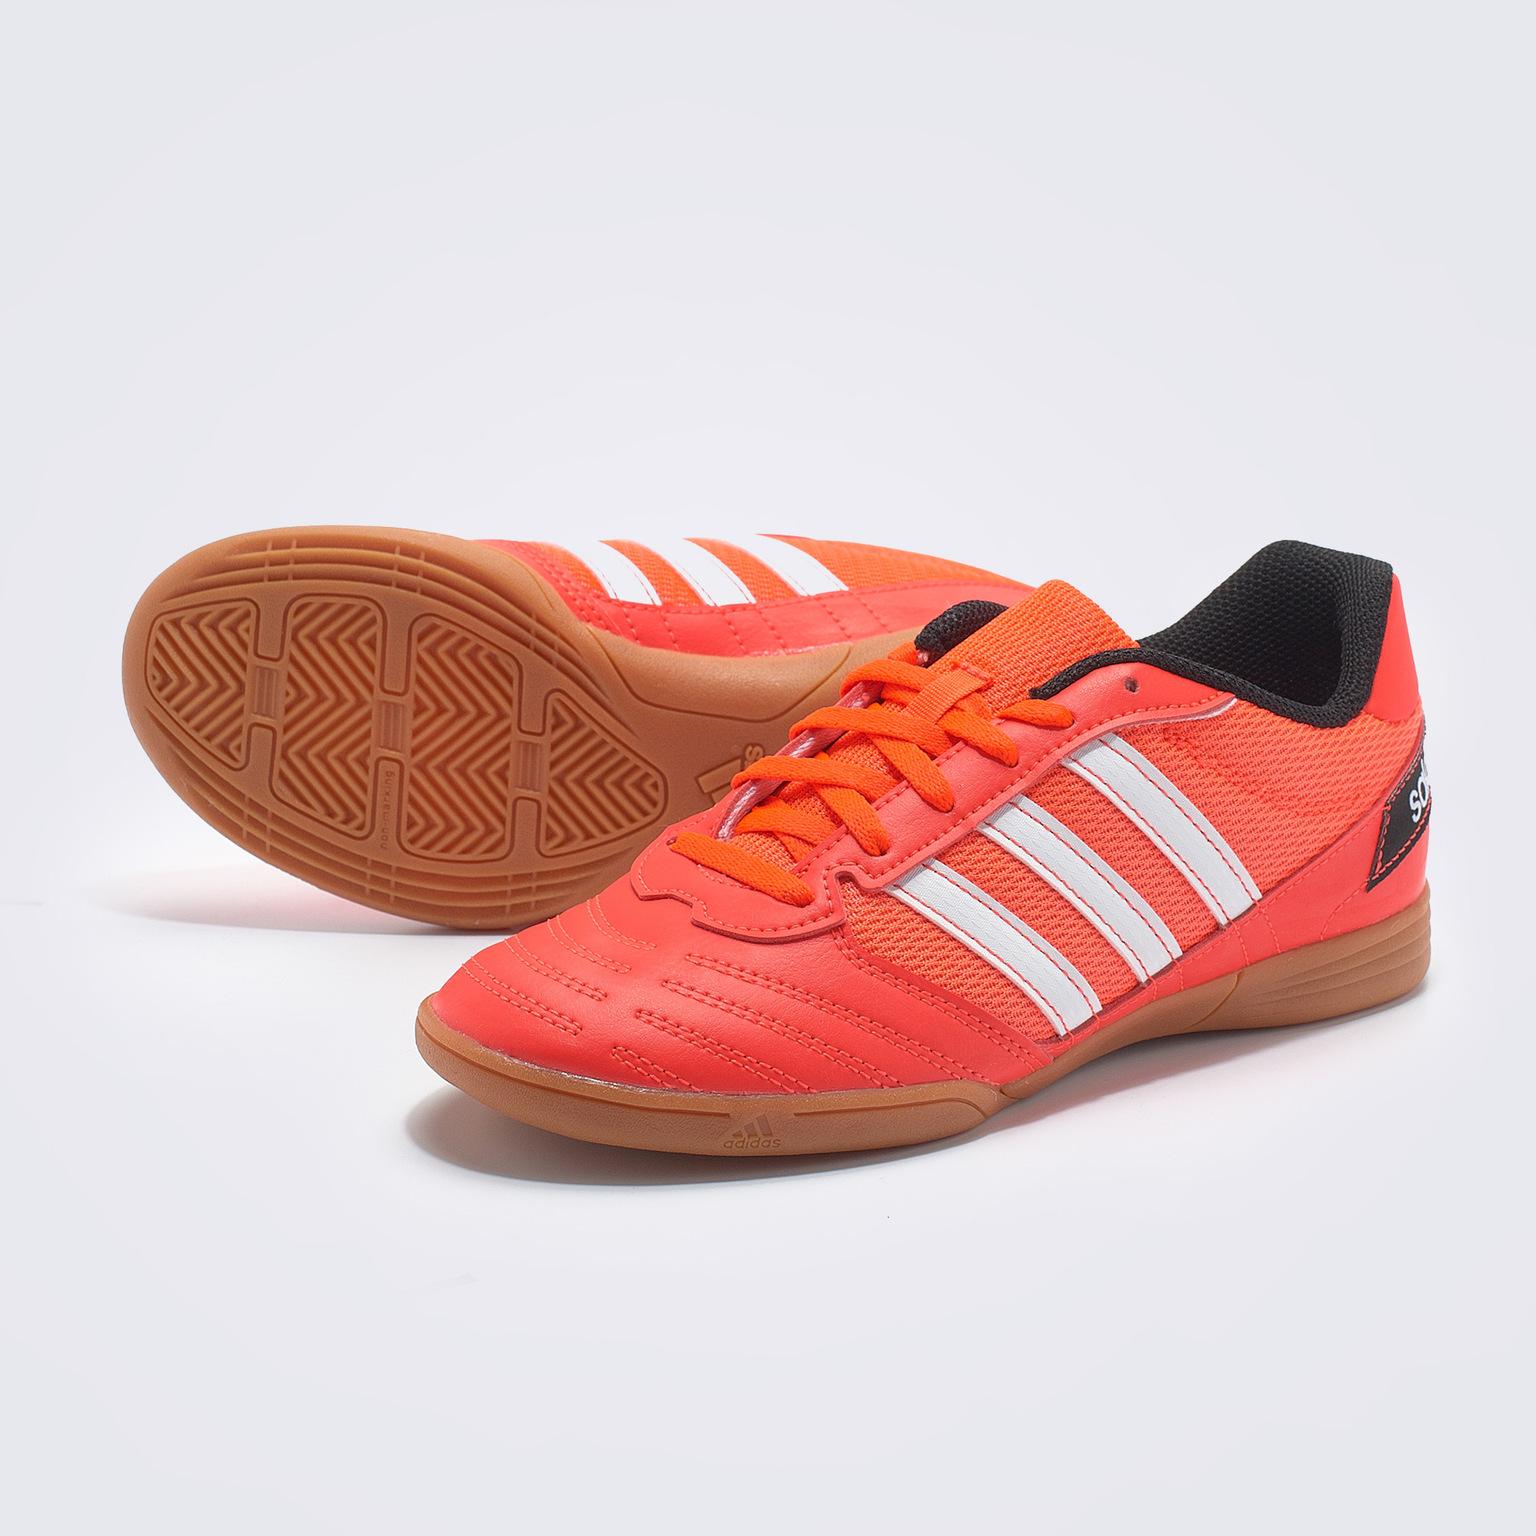 Футзалки детские Adidas Super Sala FV2639 кроссовки детские adidas fortagym cf k цвет фуксия ah2561 размер 34 32